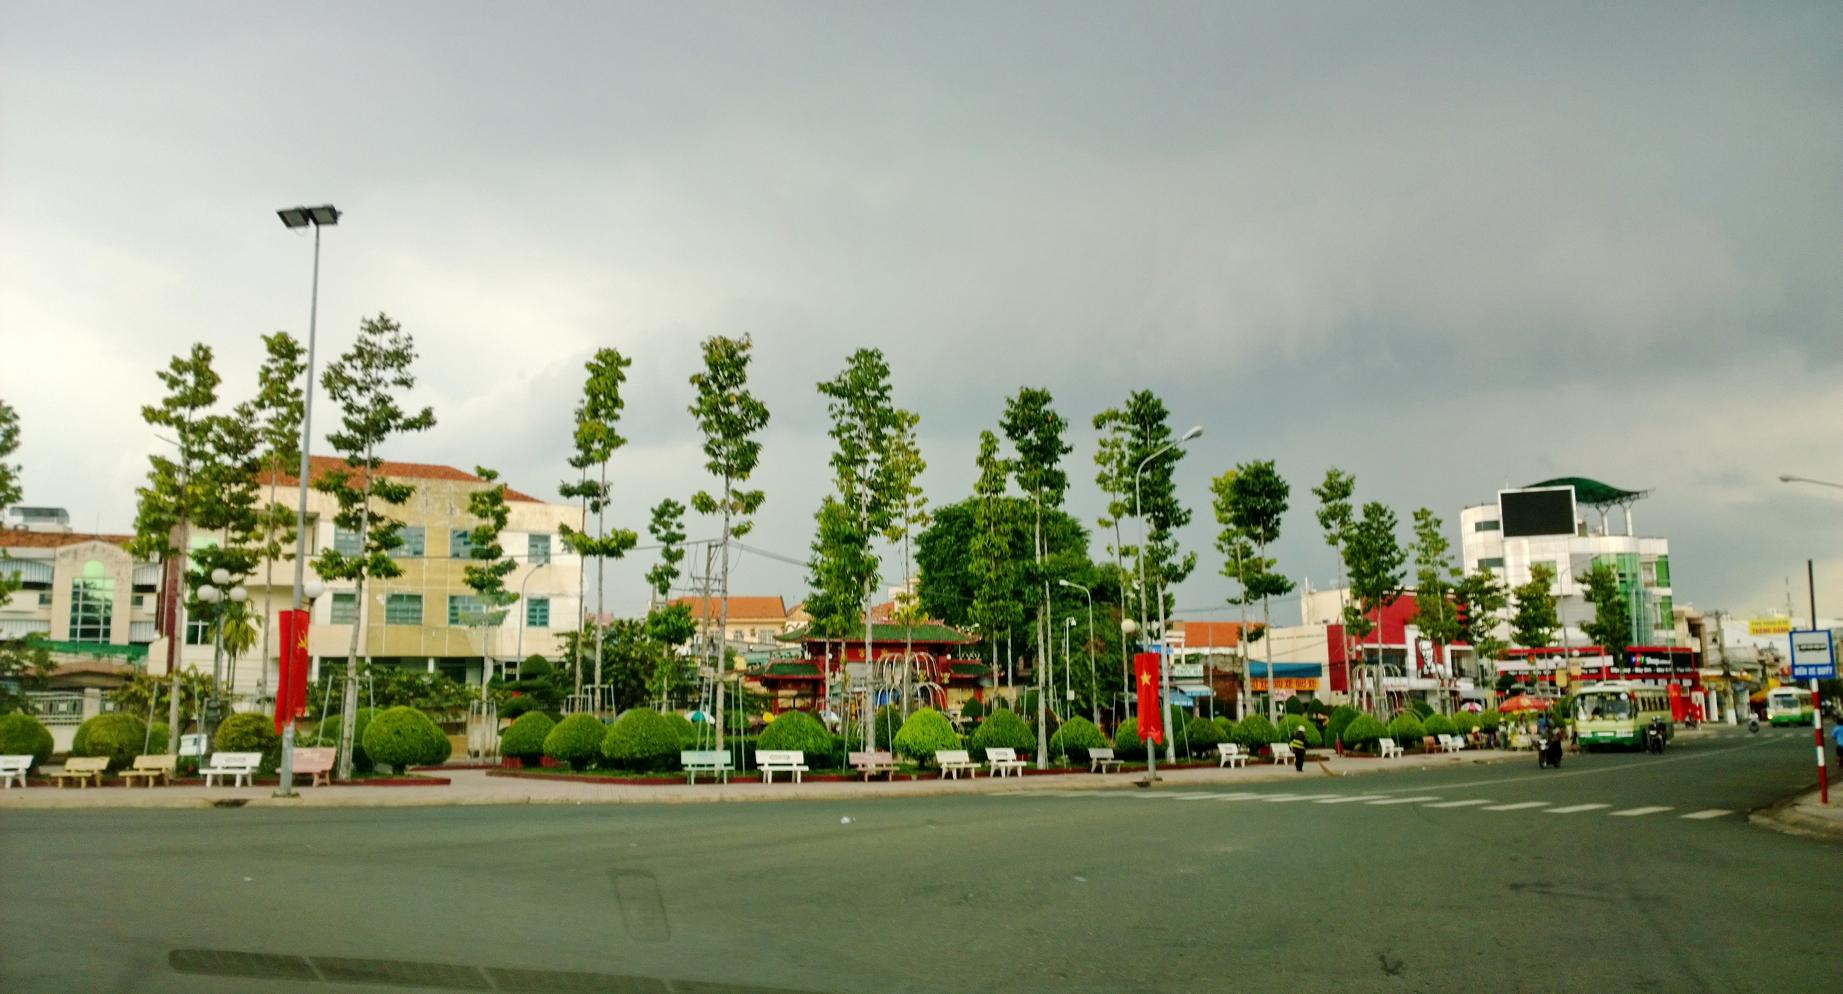 Thị trường căn hộ Thuận An Bình Dương lên đỉnh năm 2020?